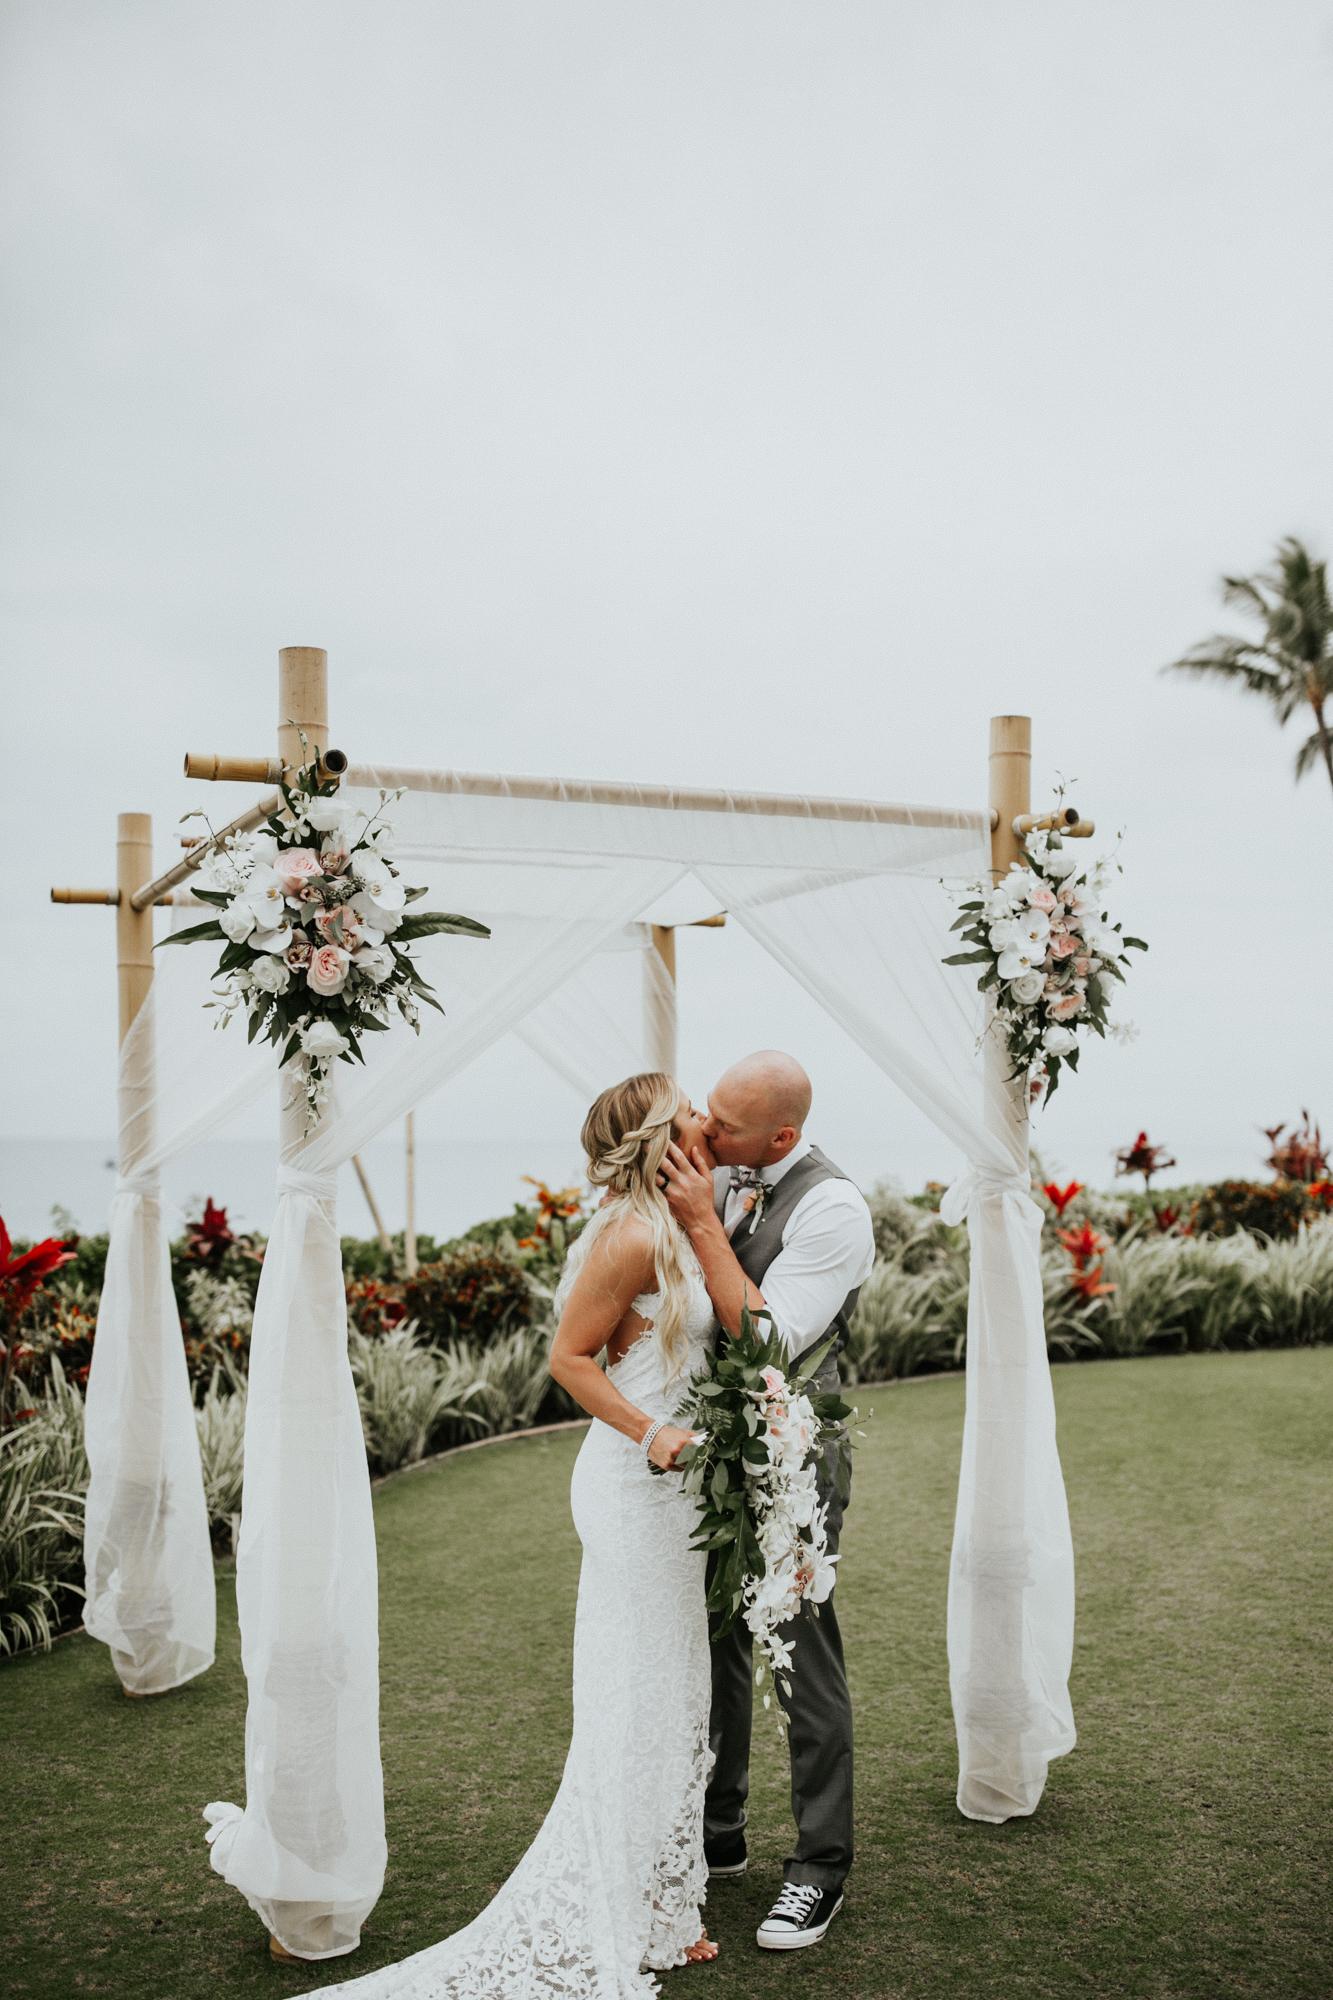 destination-wedding-photographer-hawaii-maui-elopement-59.jpg